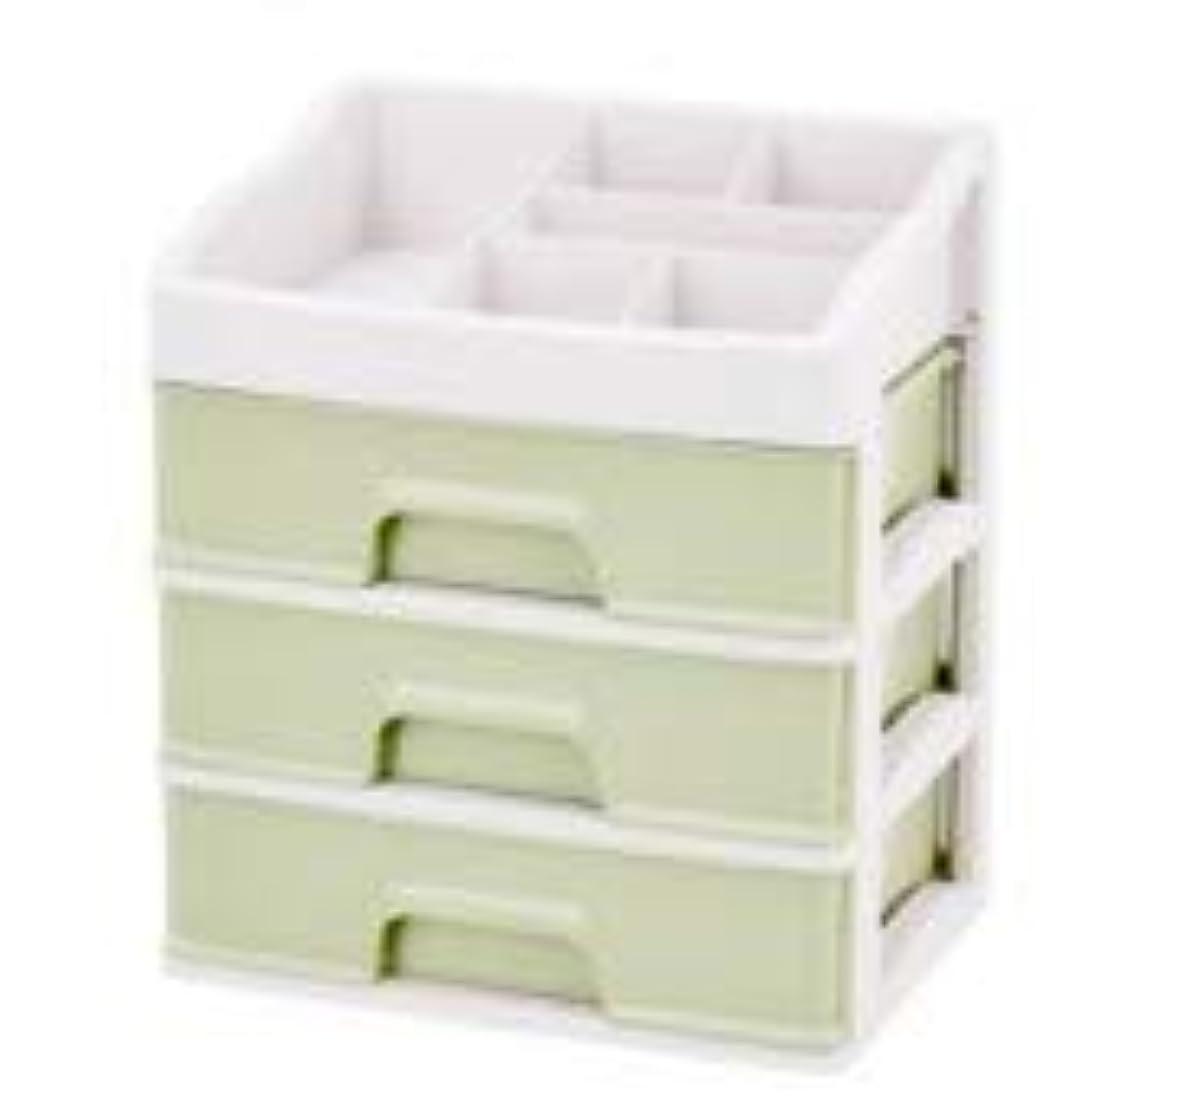 ライナー彼は団結する化粧品収納ボックス引き出しデスクトップ収納ラック化粧台化粧品ケーススキンケア製品 (Size : L)